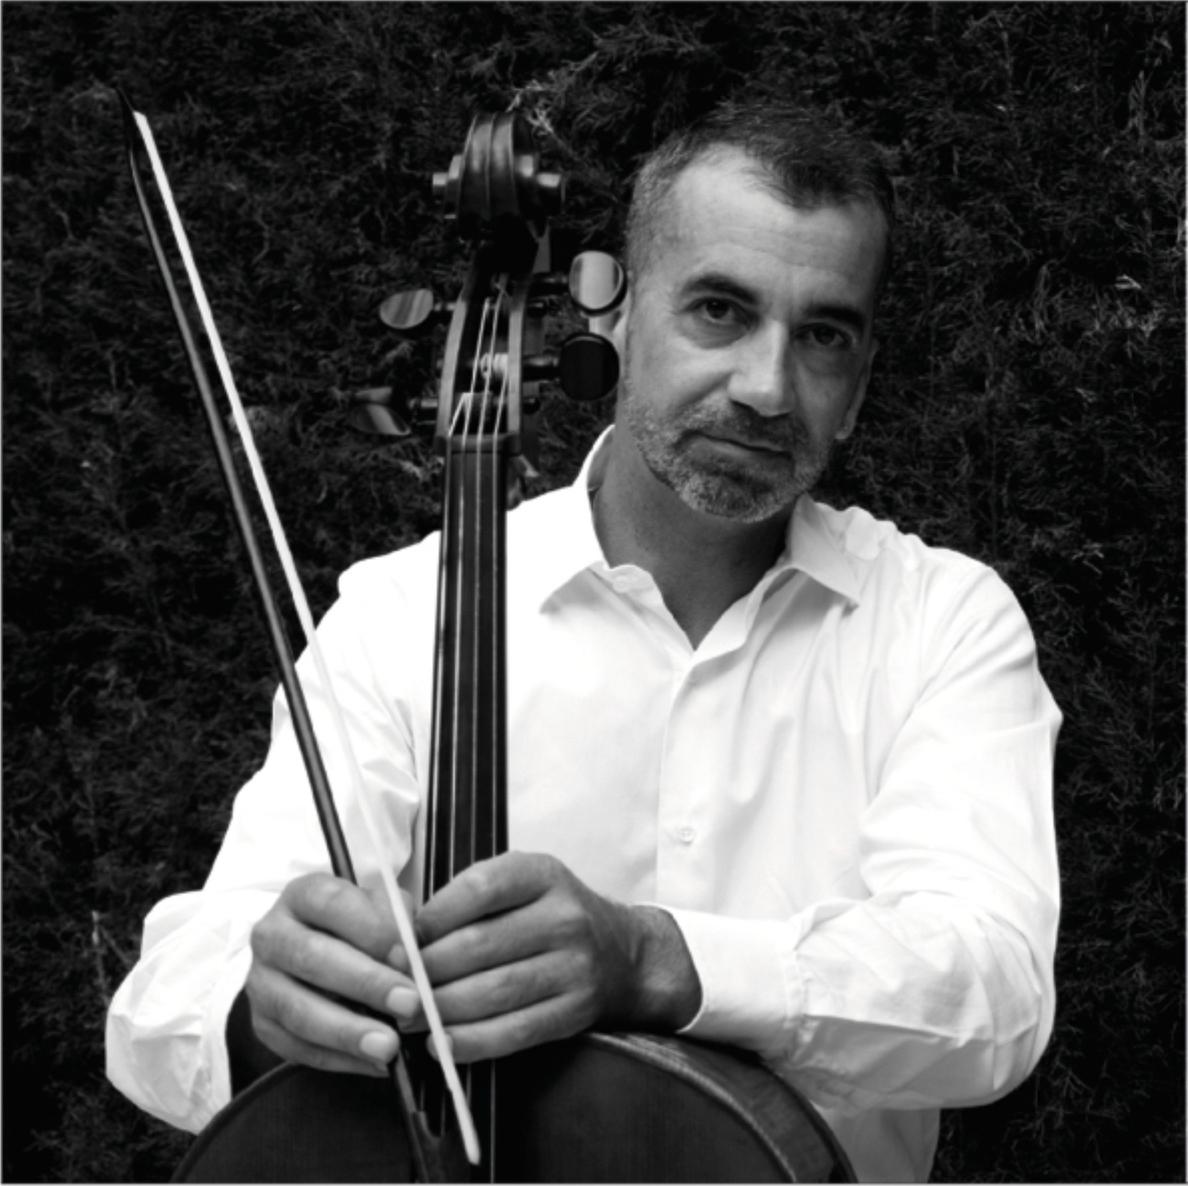 El Conservatorio »García Matos» de Plasencia ofrece un concierto del violonchelista José Antonio Salazar